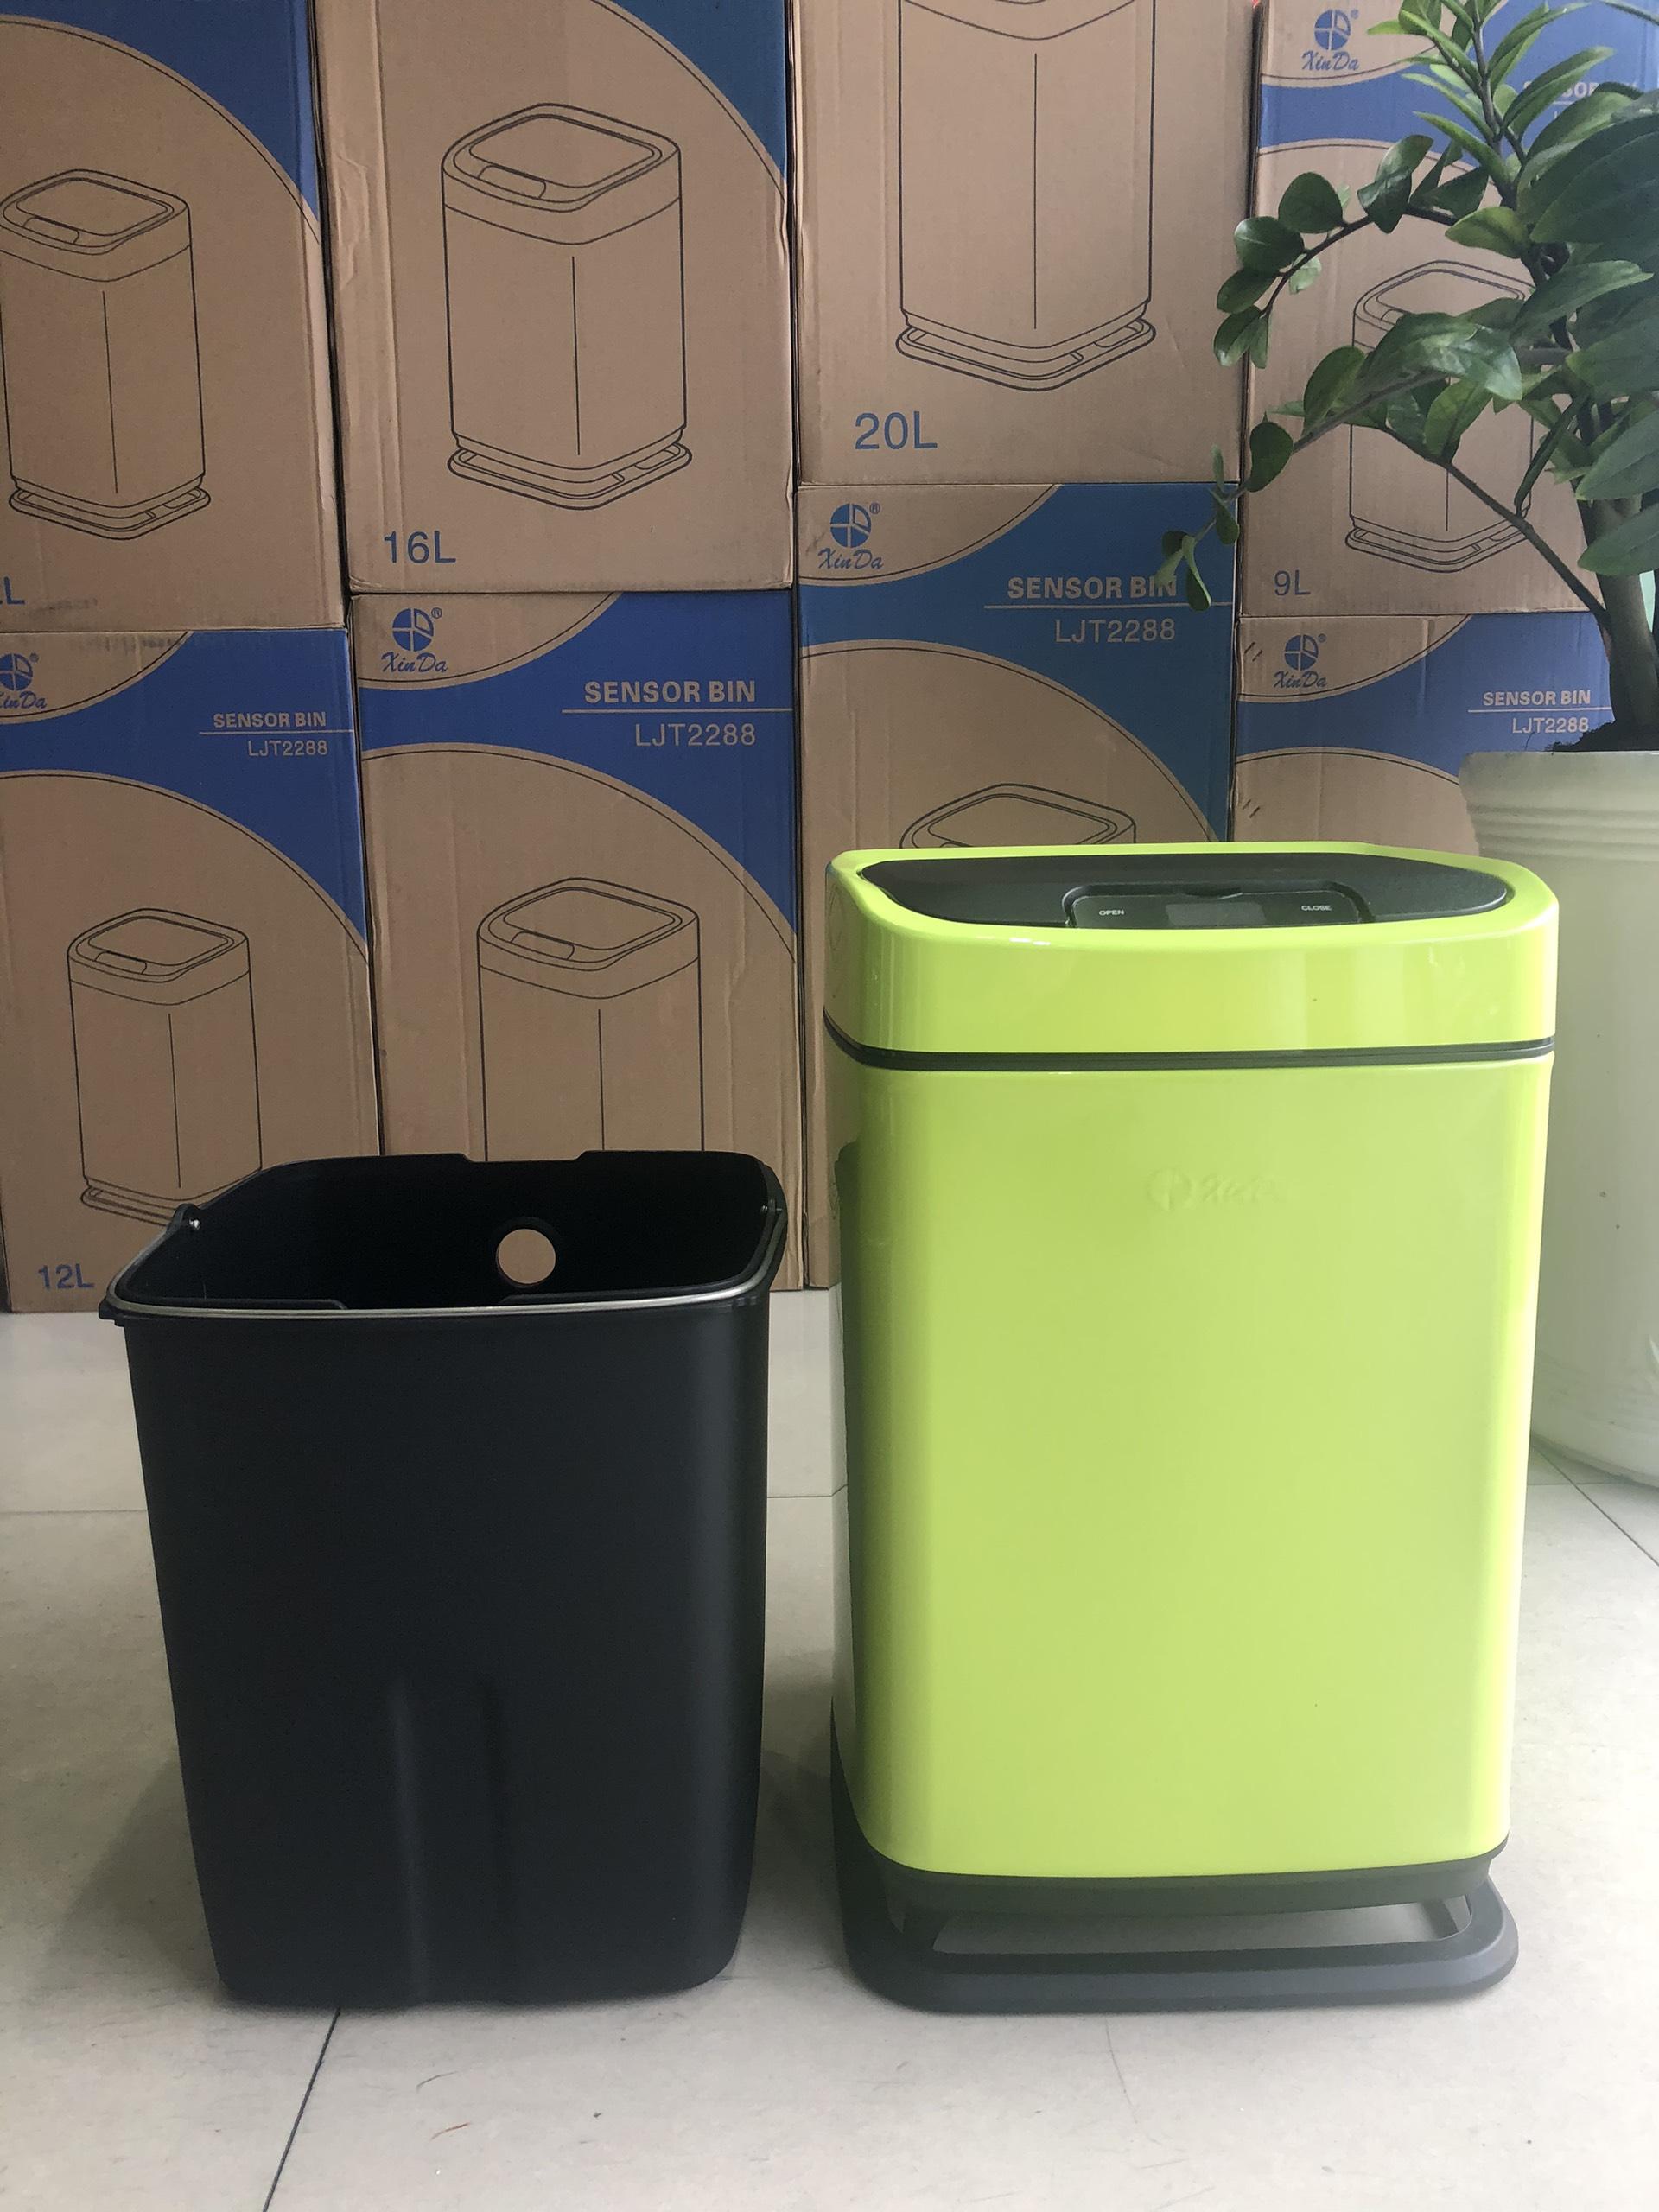 Thùng rác thông minh cảm ứng tự động 9 lít màu xanh - Hàng chính hãng